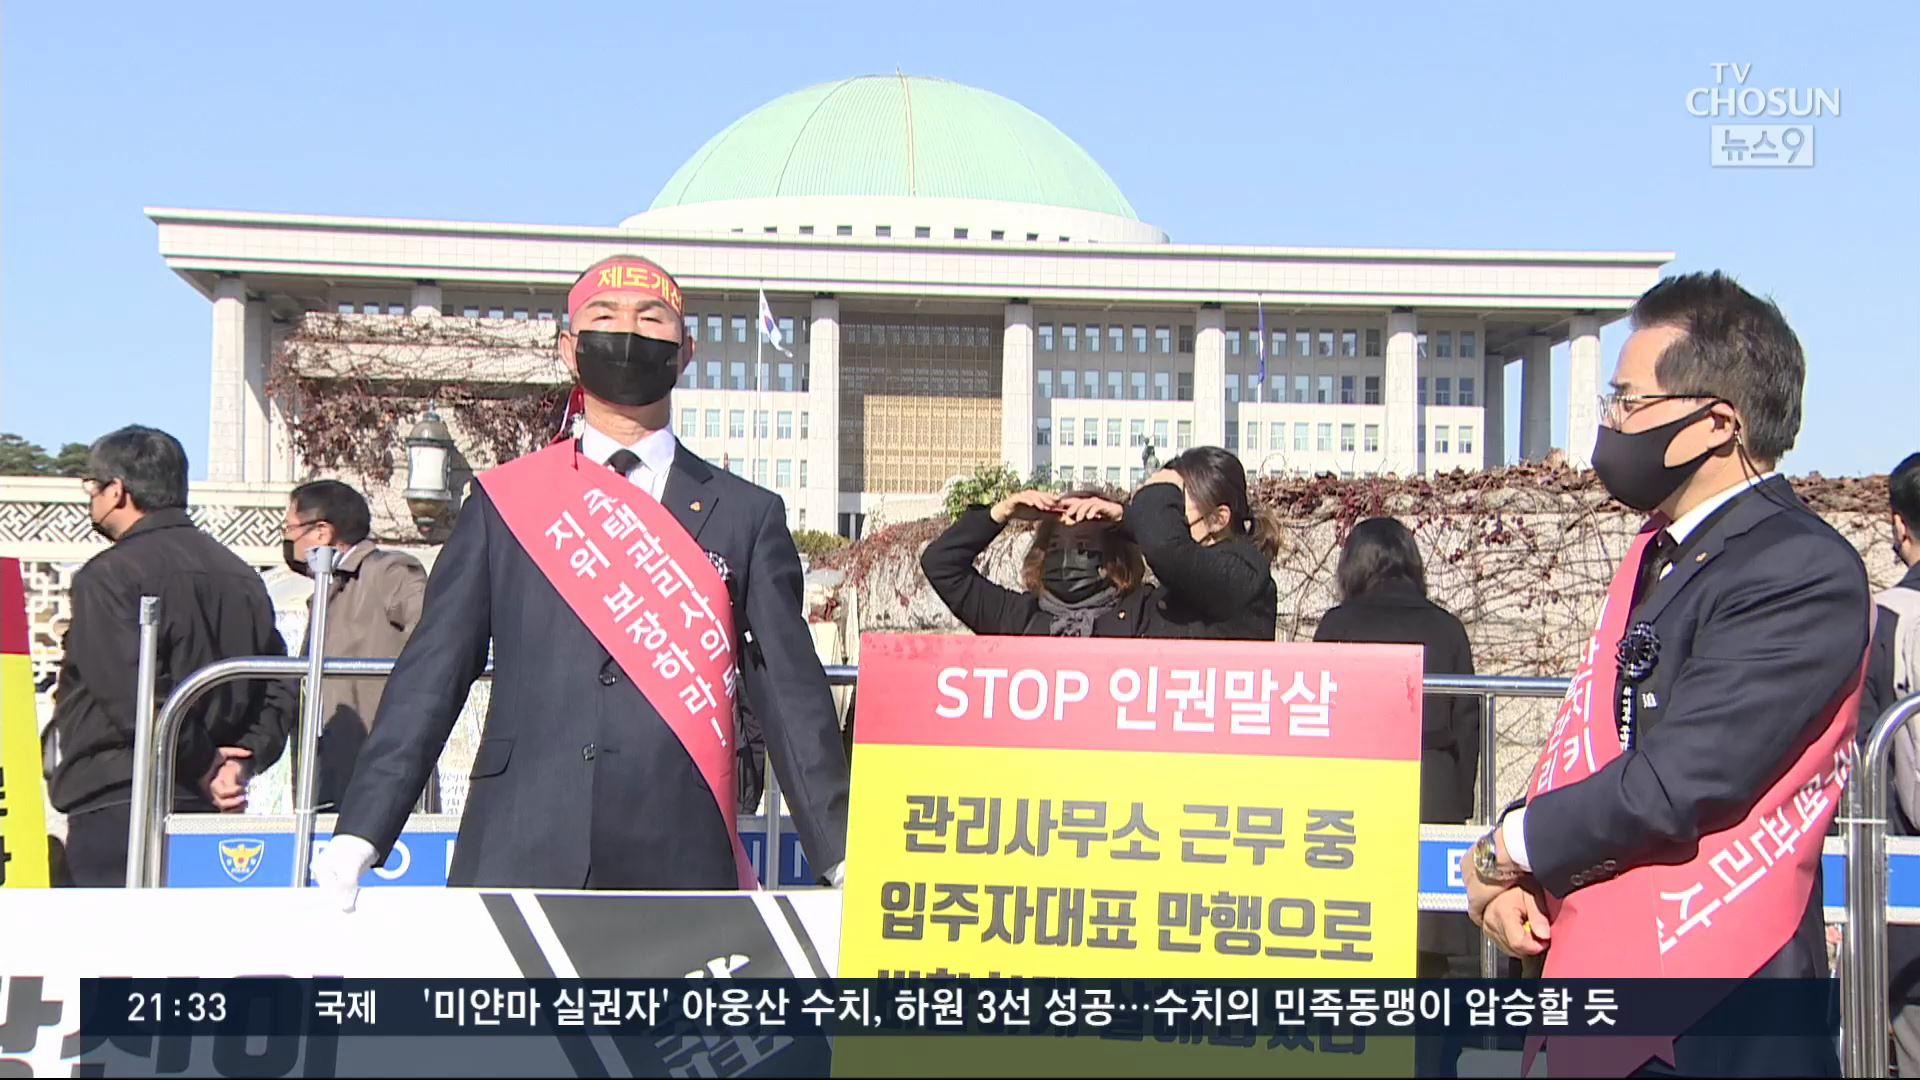 '입주민이 목 조르고 밀치며 폭행'…주택관리사 삭발 호소